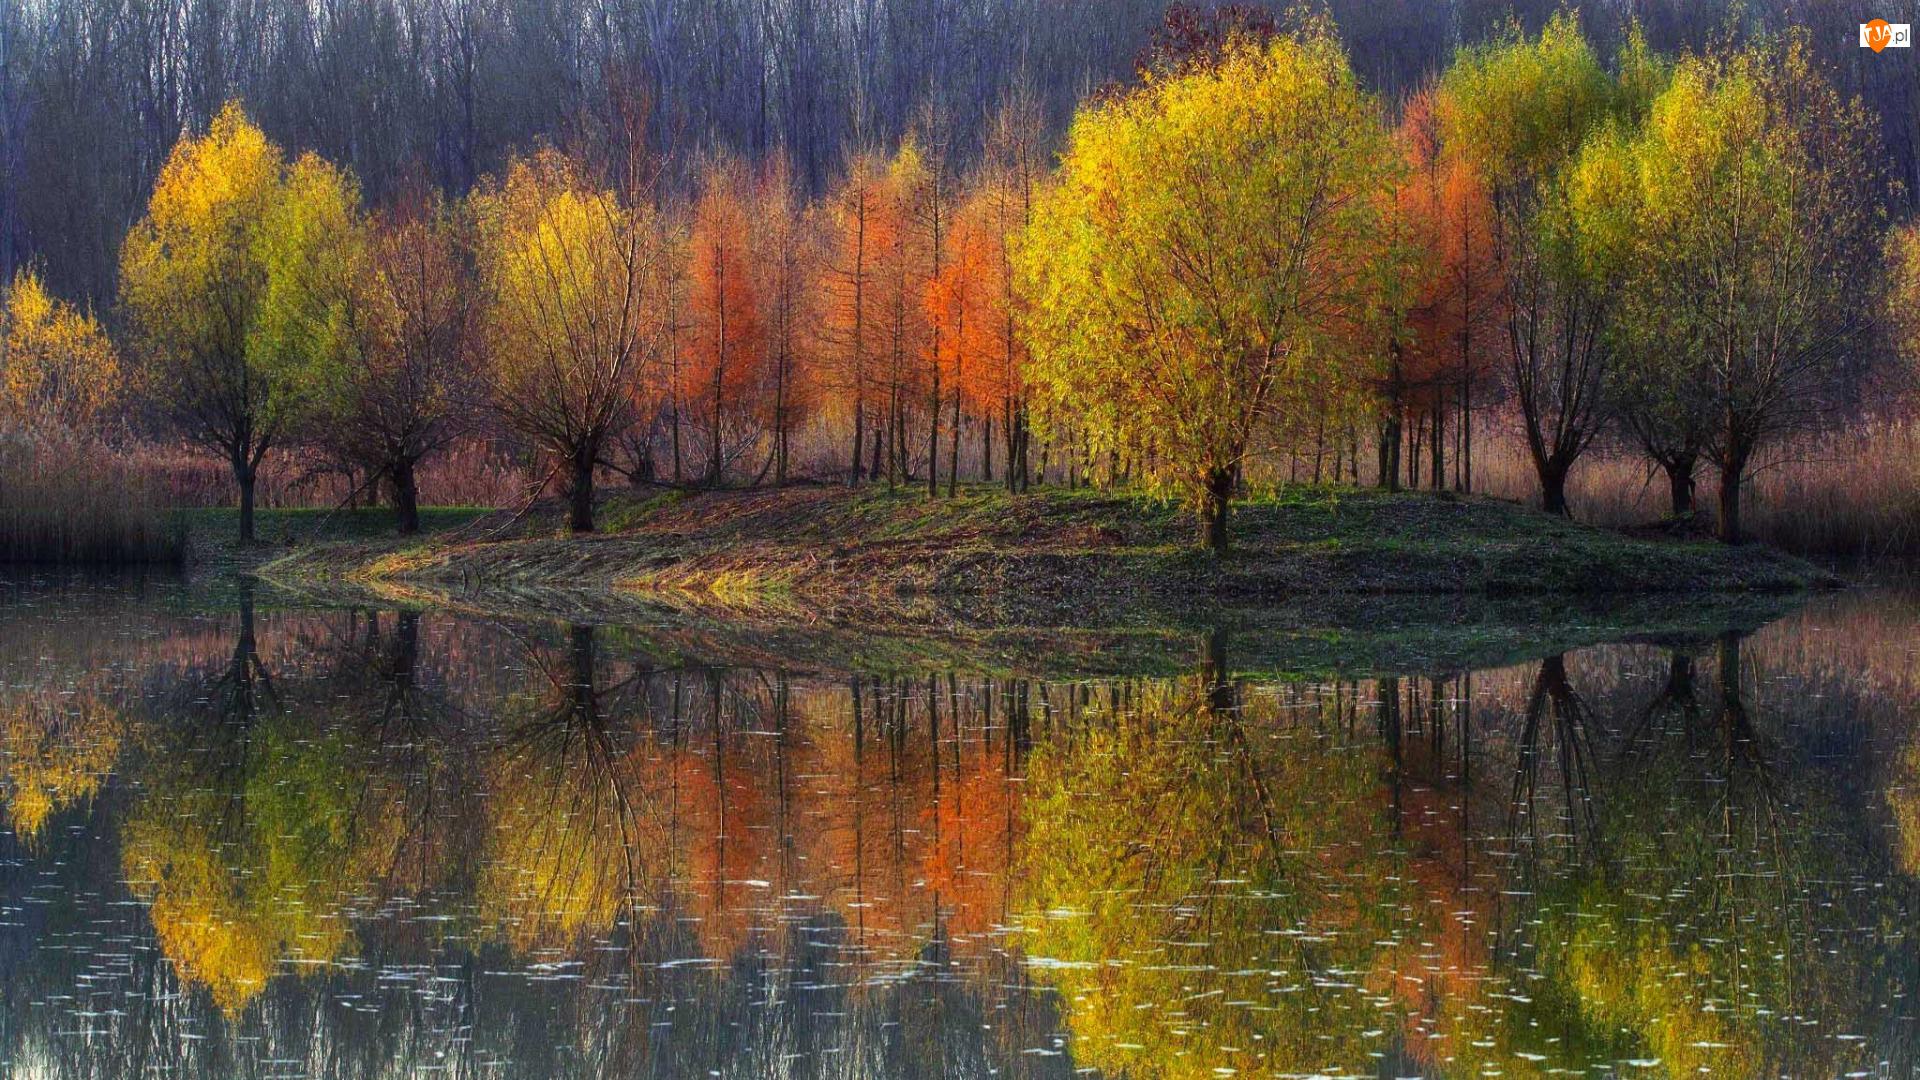 Drzewa, Odbicie, Kolorowe, Jesień, Staw